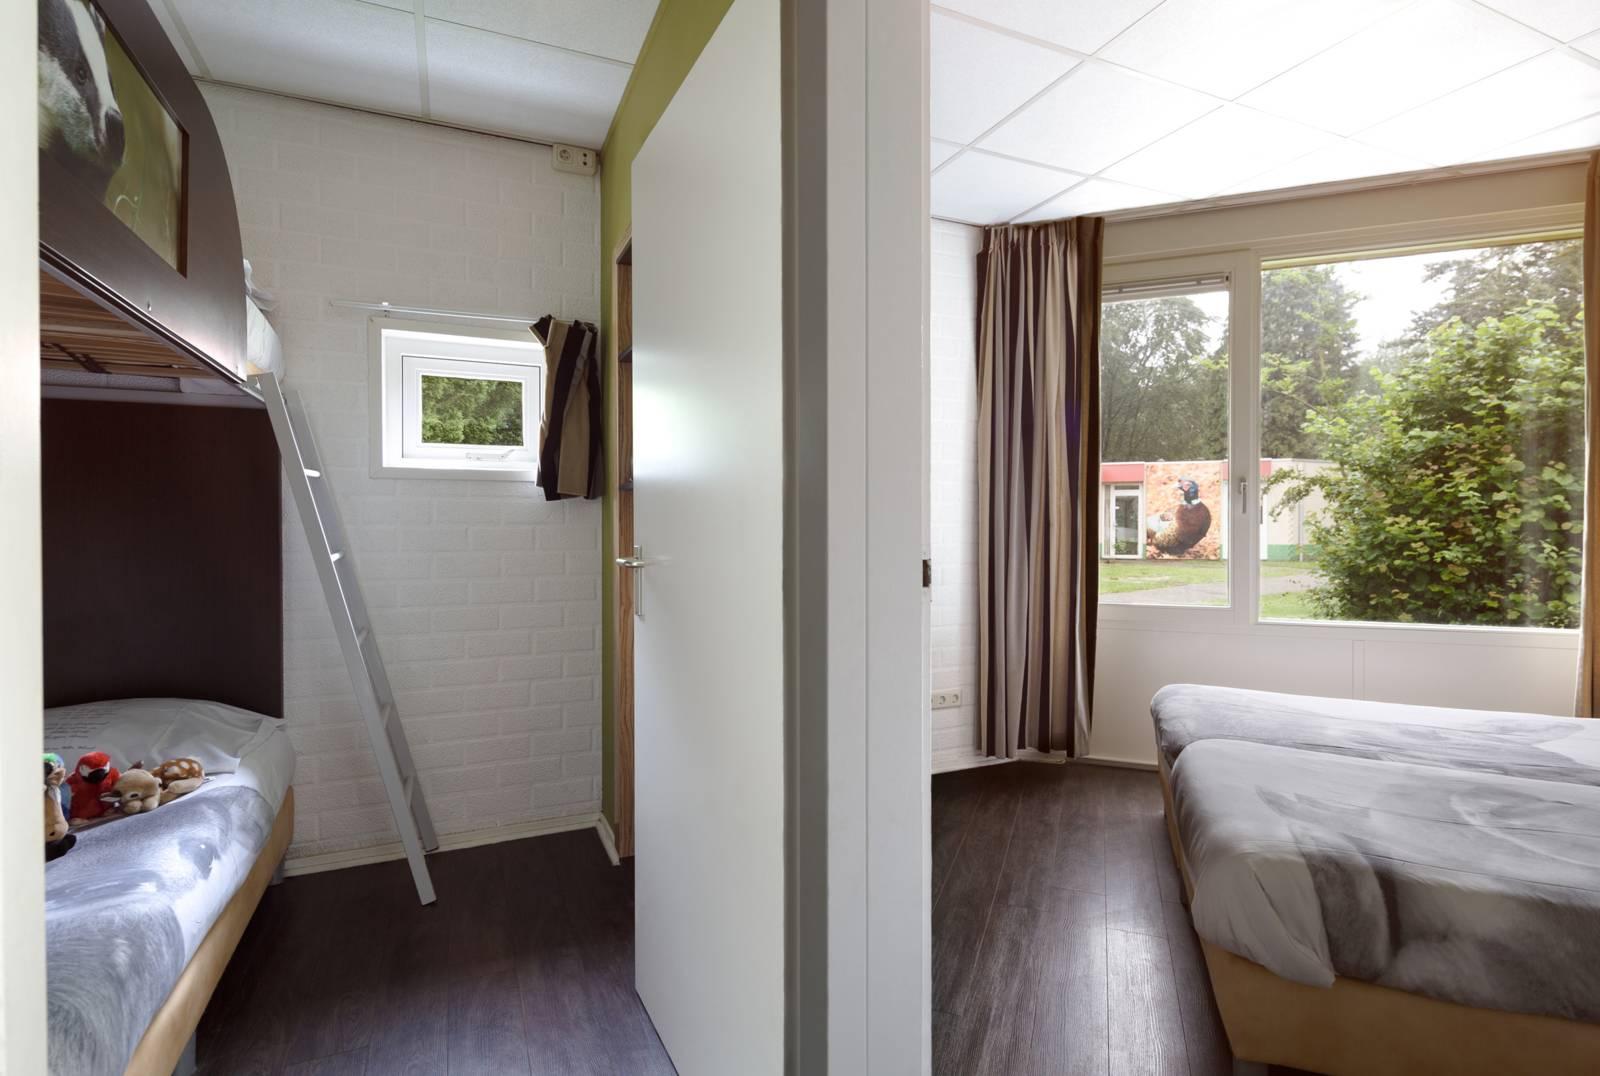 Bungalow das 8 persoons vakantiehuis for Interieur slaapkamer